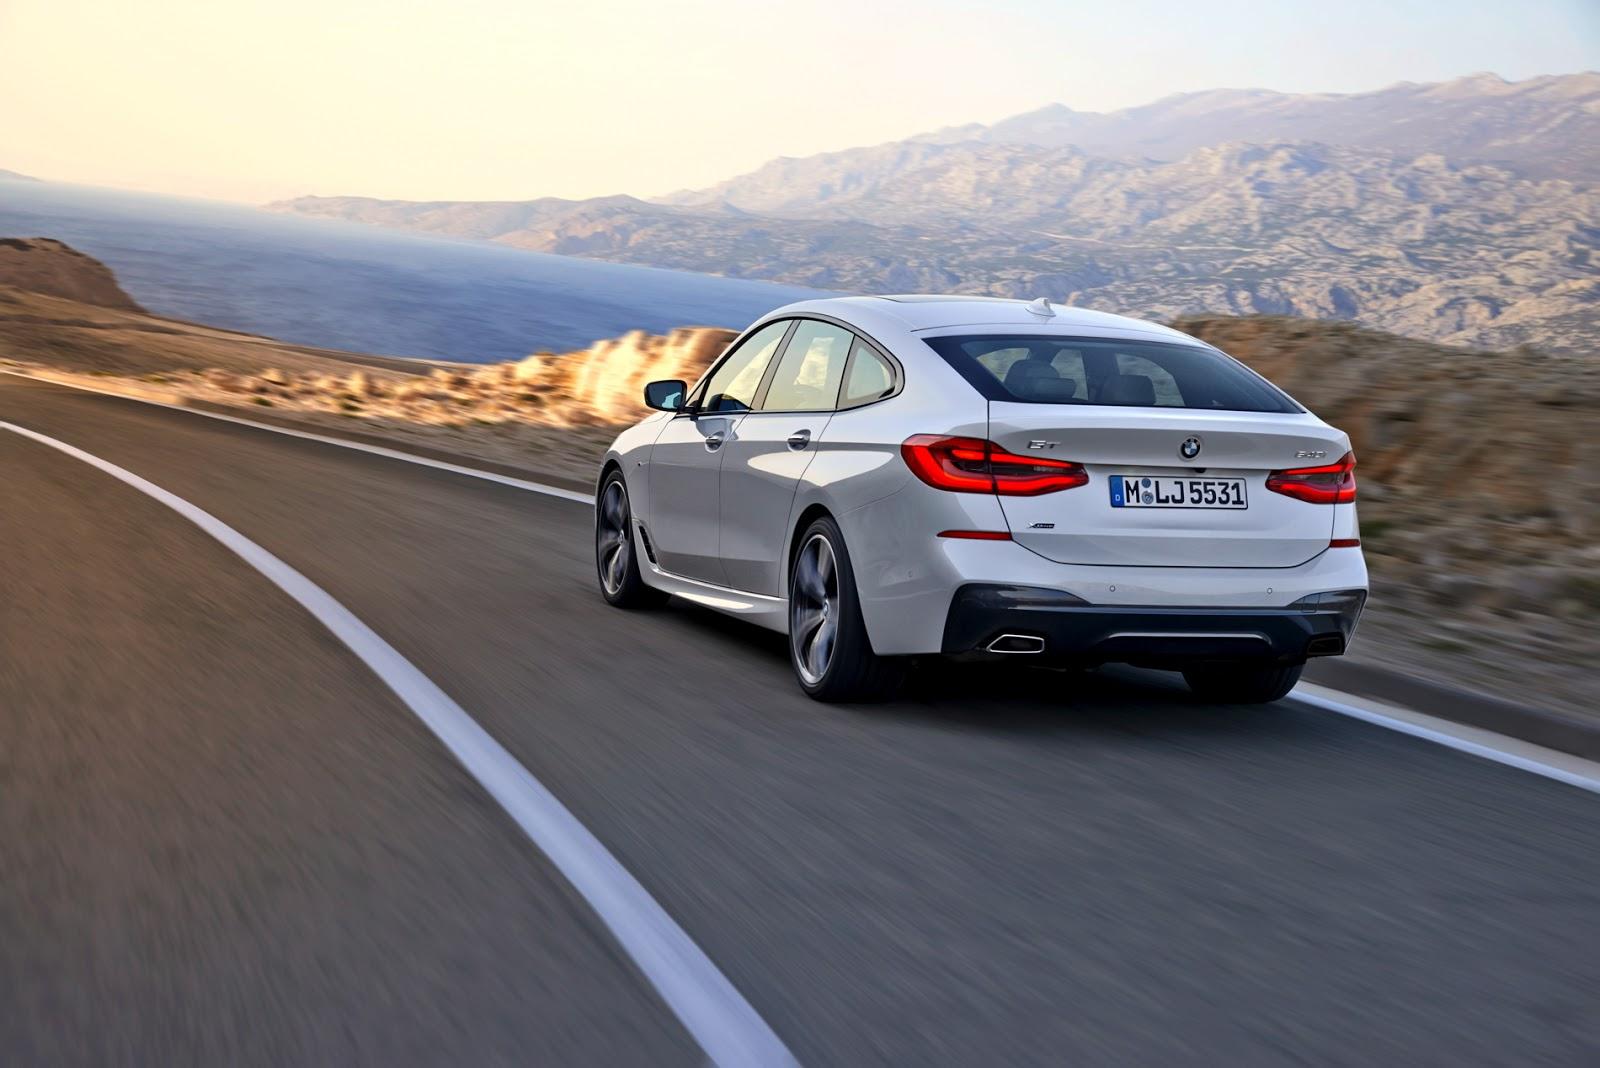 BMW 640I MÀU TRẮNG